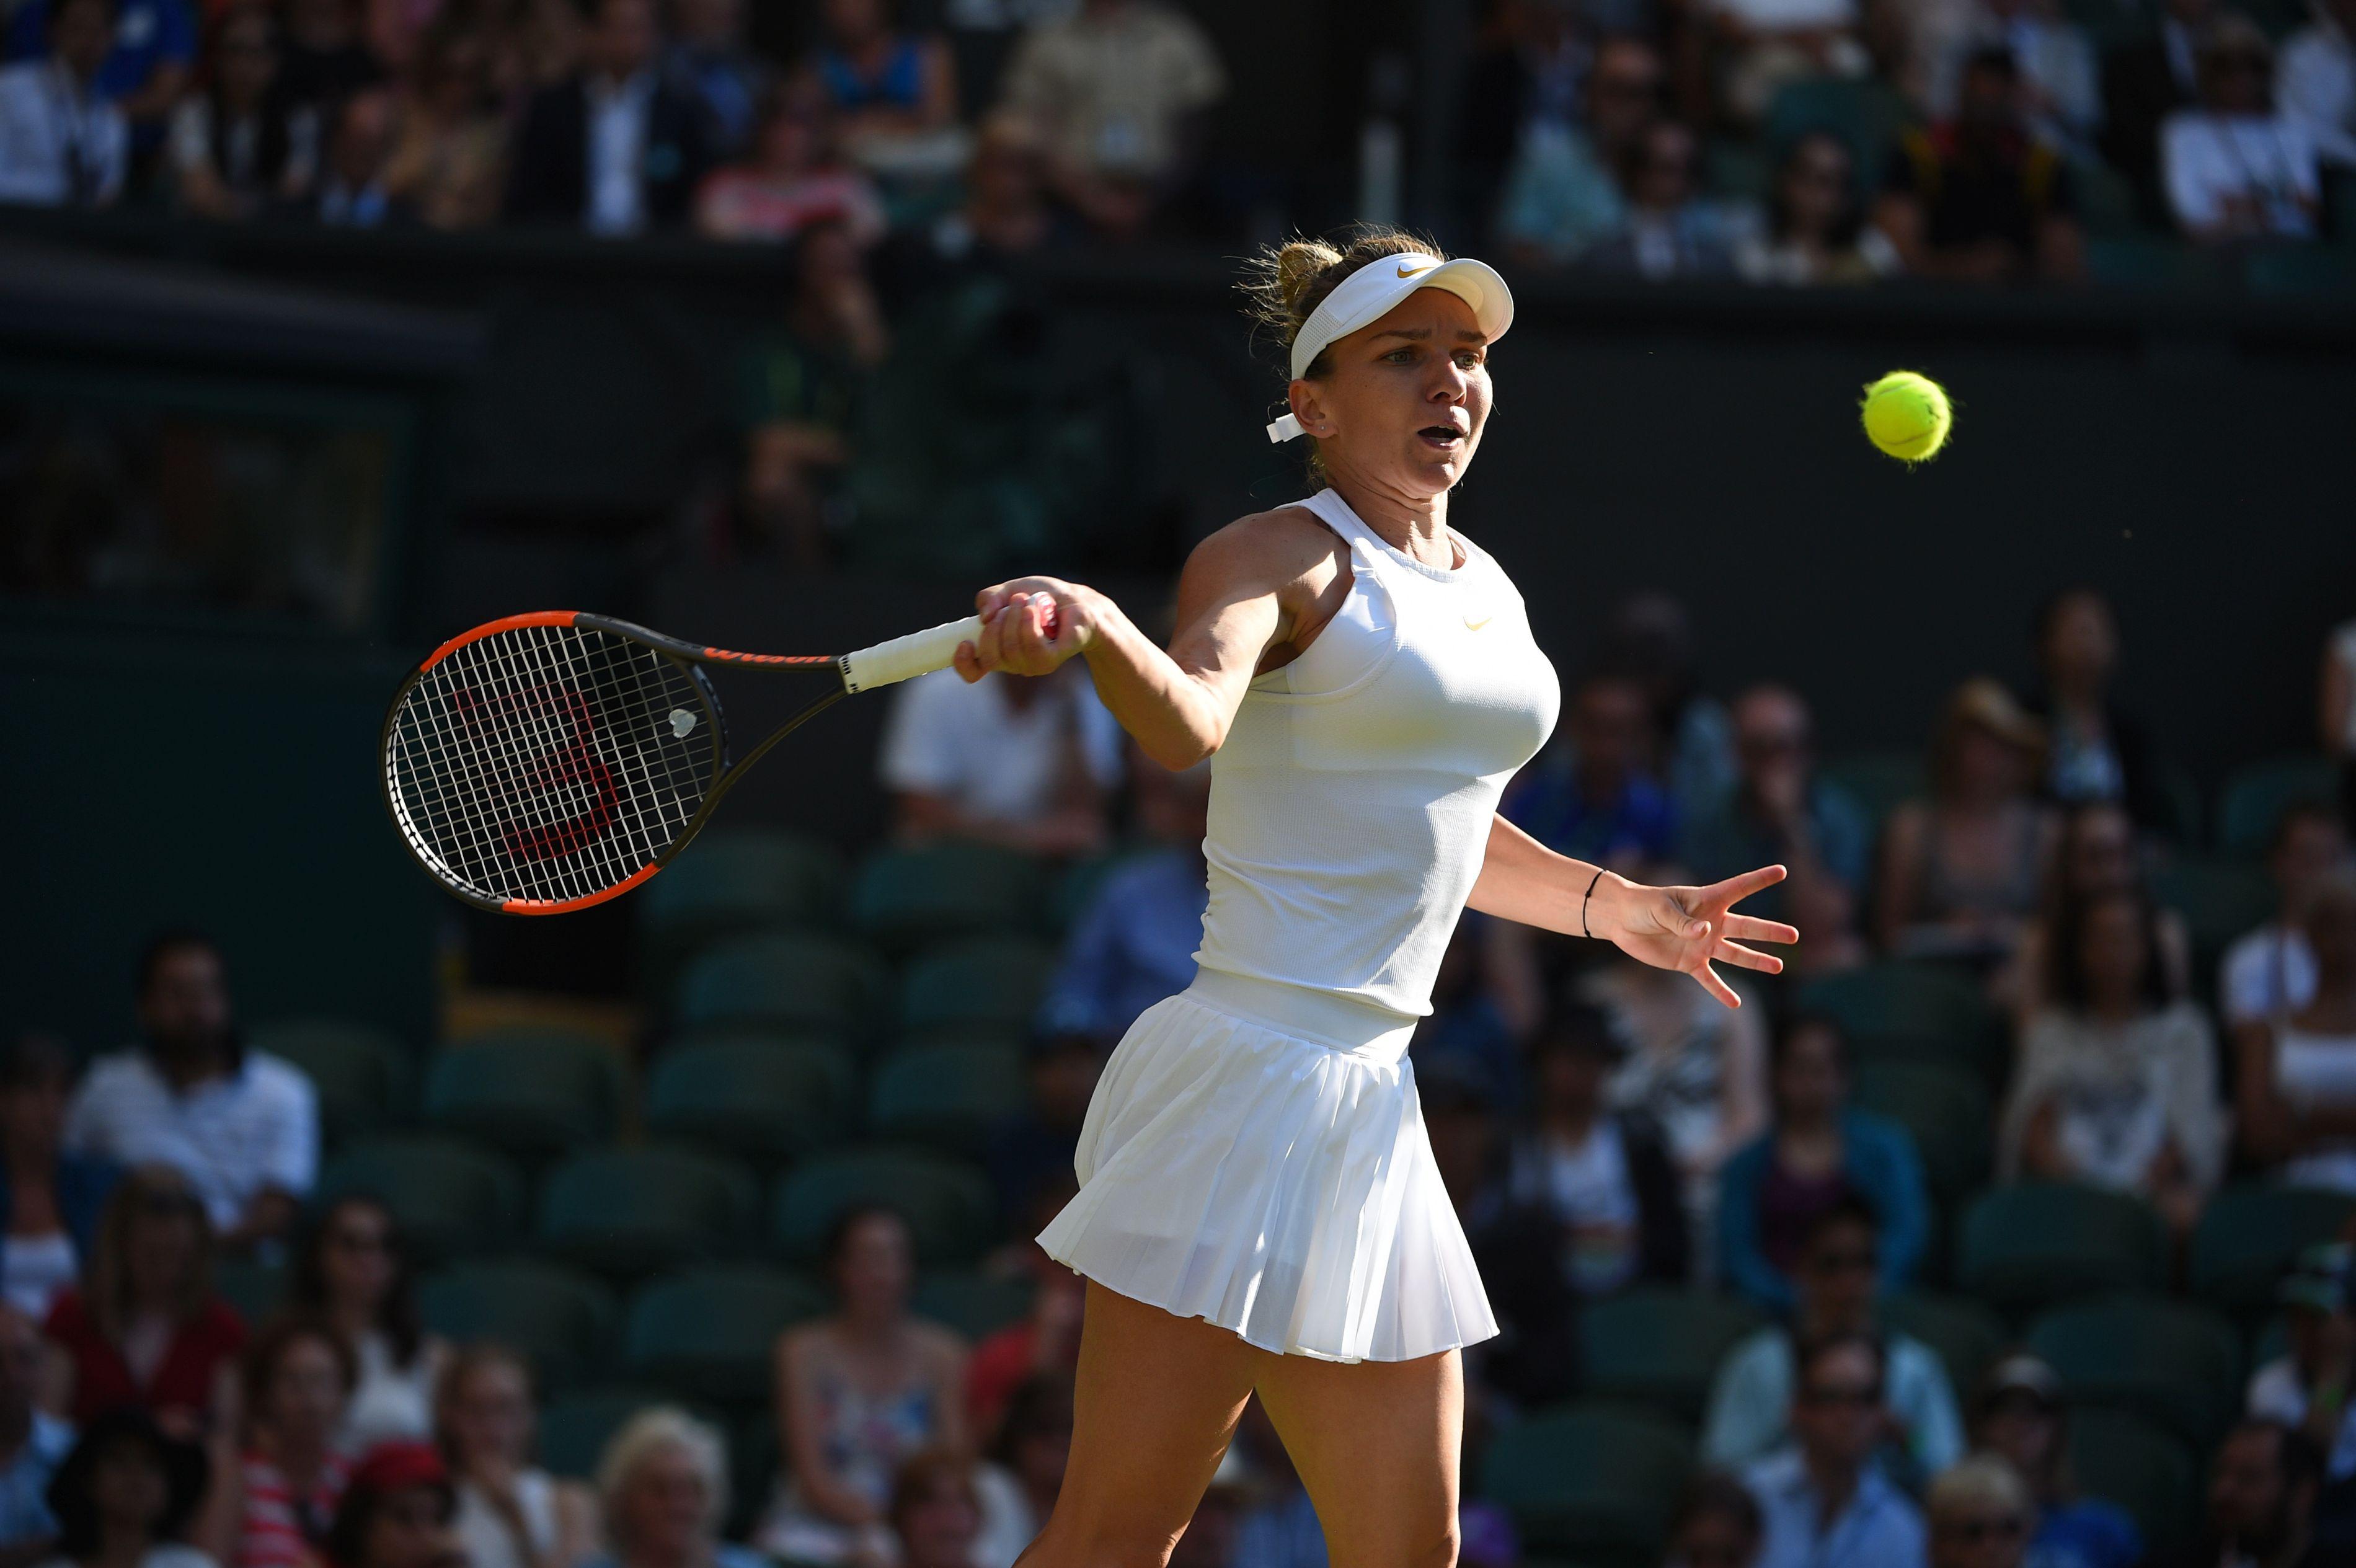 Tenis LIVE BLOG. A început sezonul de iarbă! Știri, tablou, informații și rezultate de la ATP WTA de la Nottingham, Mallorca, Birmingham și Easbourne